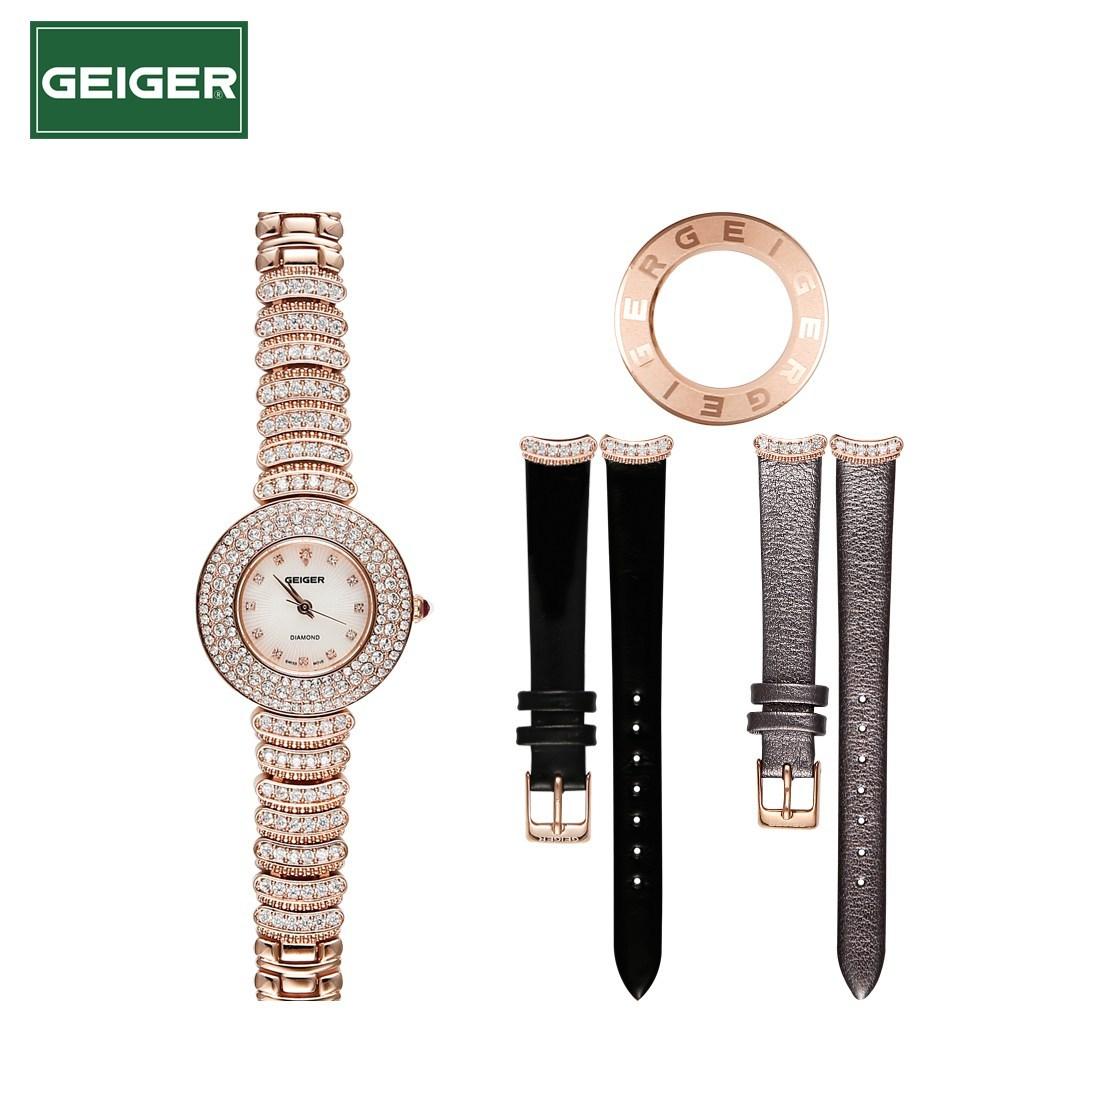 가이거[GEIGER] [백화점AS] 가이거 노블레스 다이아몬드 여성 세트시계 GE1167 (29mm) 2종 택 1